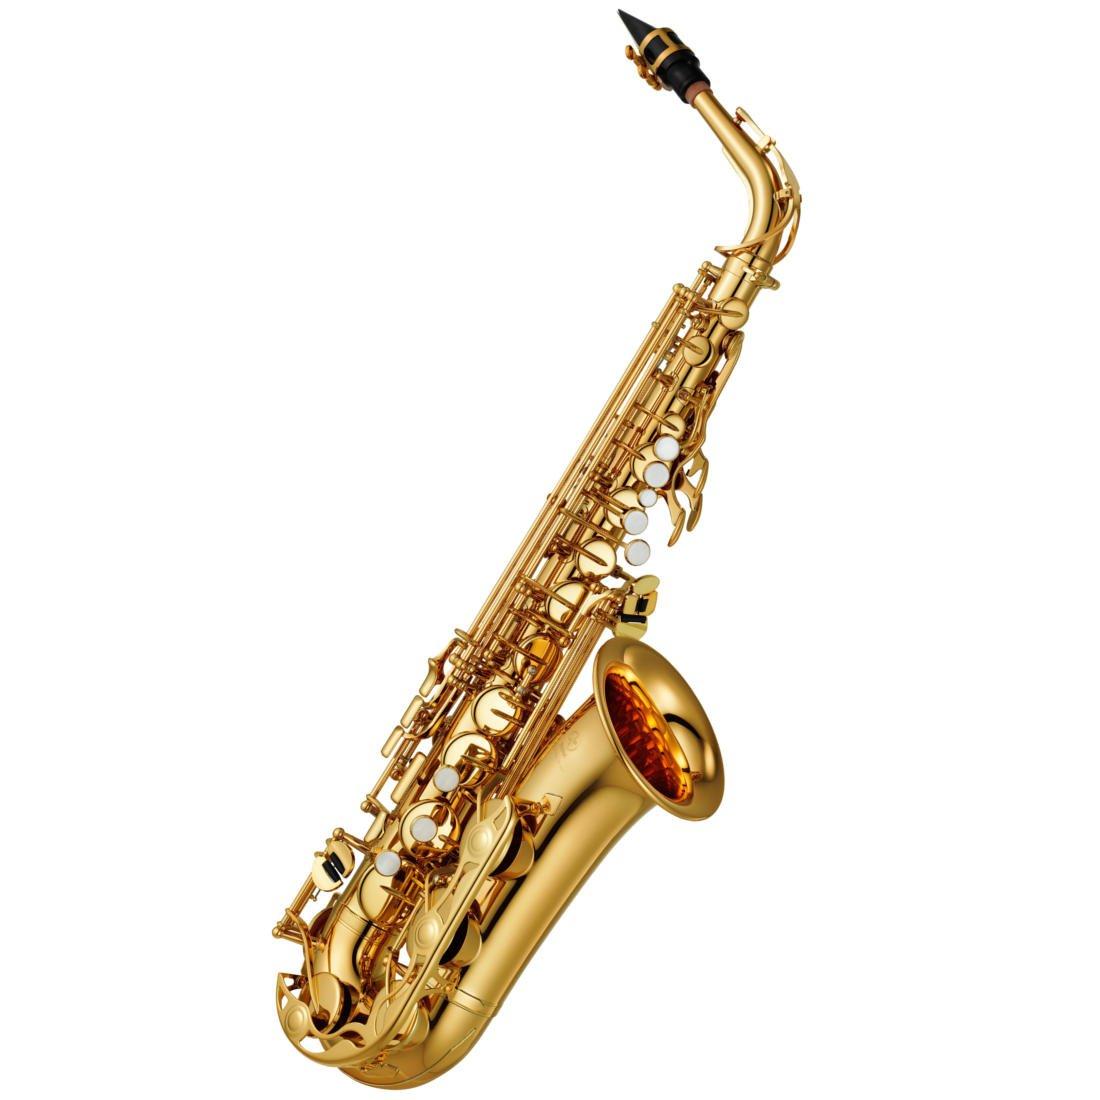 Giá kèn Saxophone . Địa chỉ bán kèn Saxophone uy tín tại Việt Nam